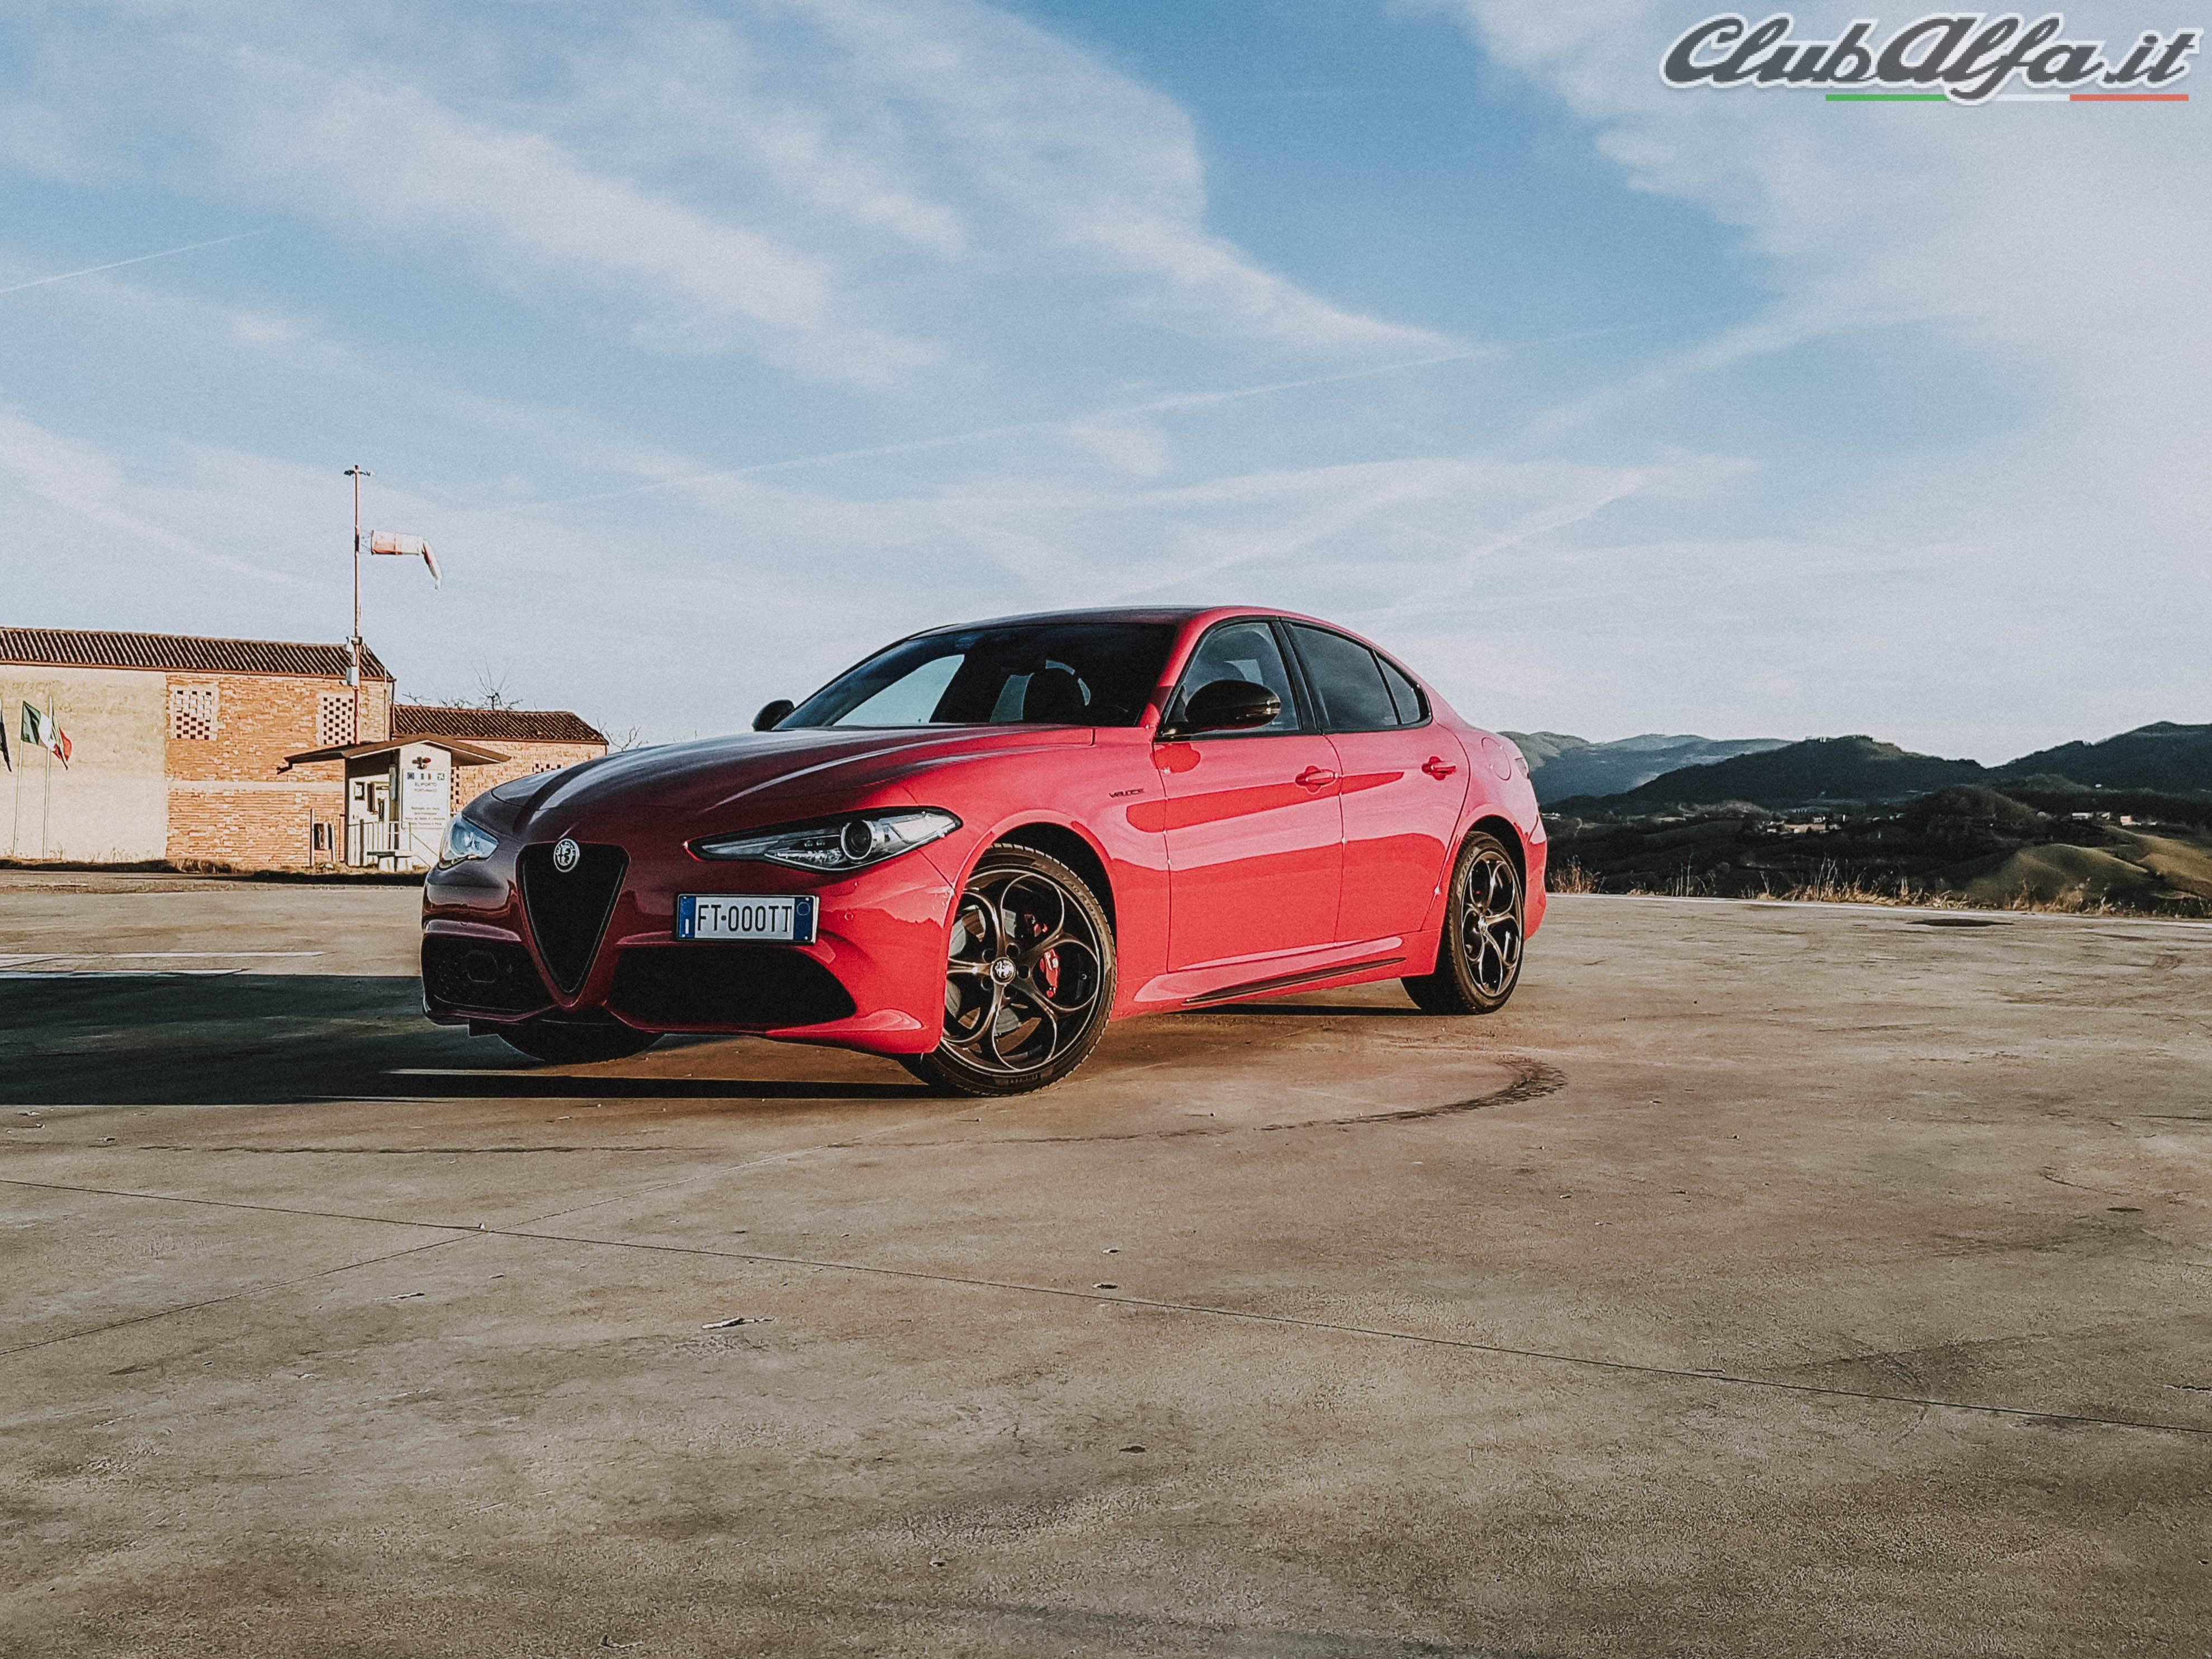 Alfa Romeo Giulia - 2.0 TB 280cv - AT8 - Veloce TI - Rosso ...